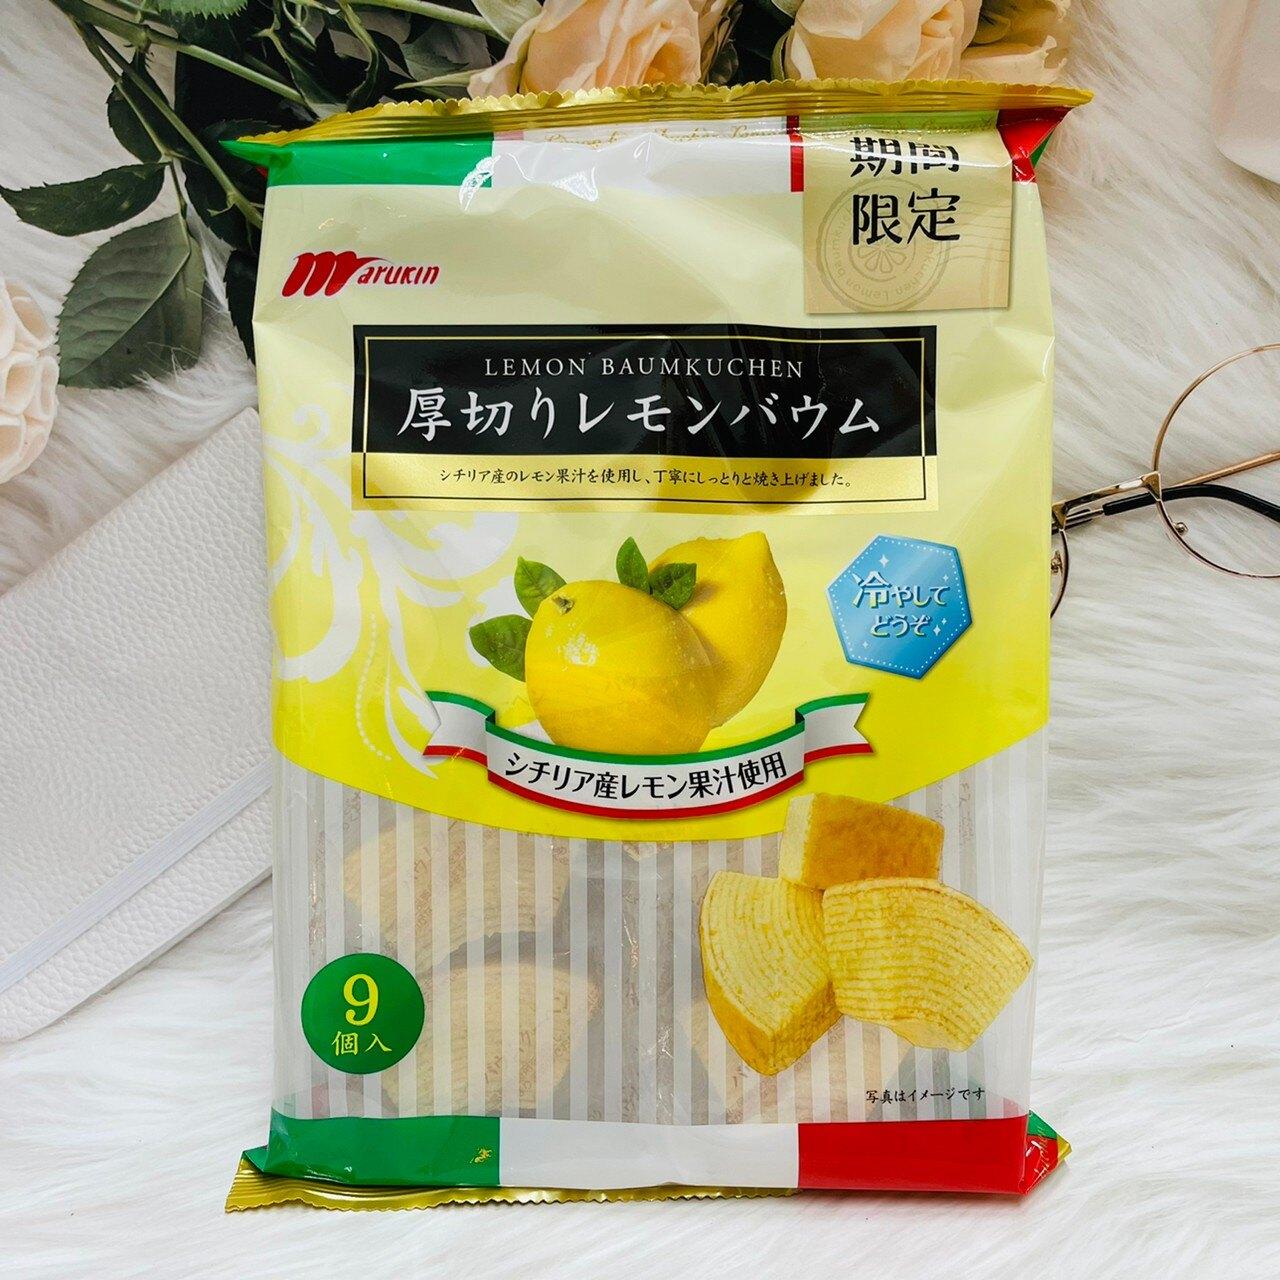 日本 Marukin 丸金 厚切檸檬蛋糕 205g (9入)